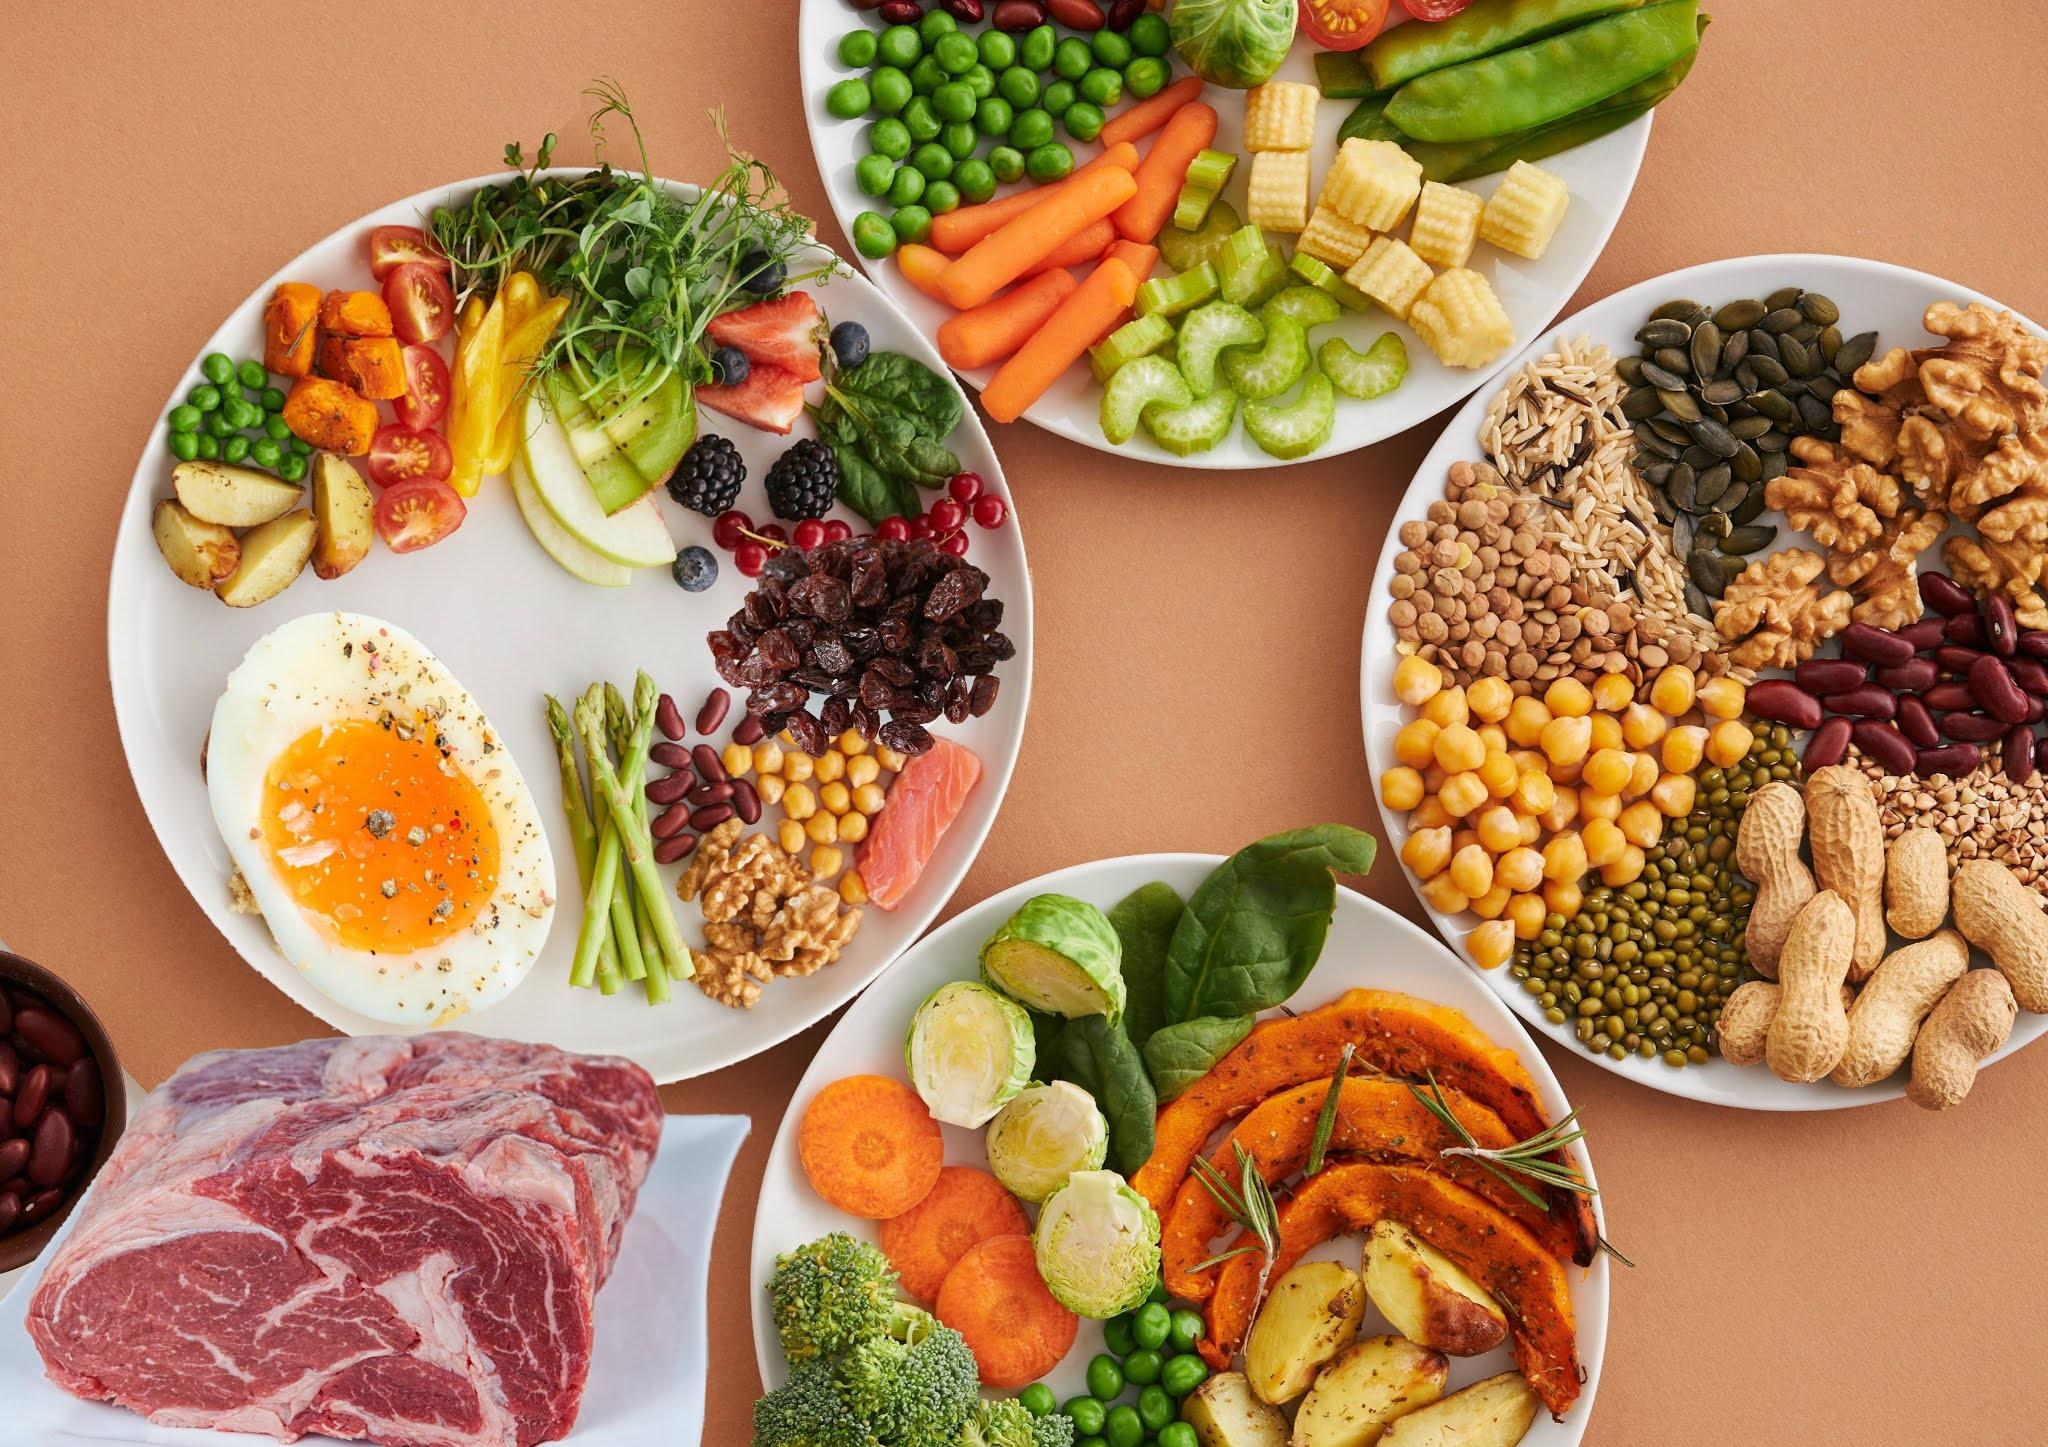 Kansızlığa İyi Gelen yiyecekler